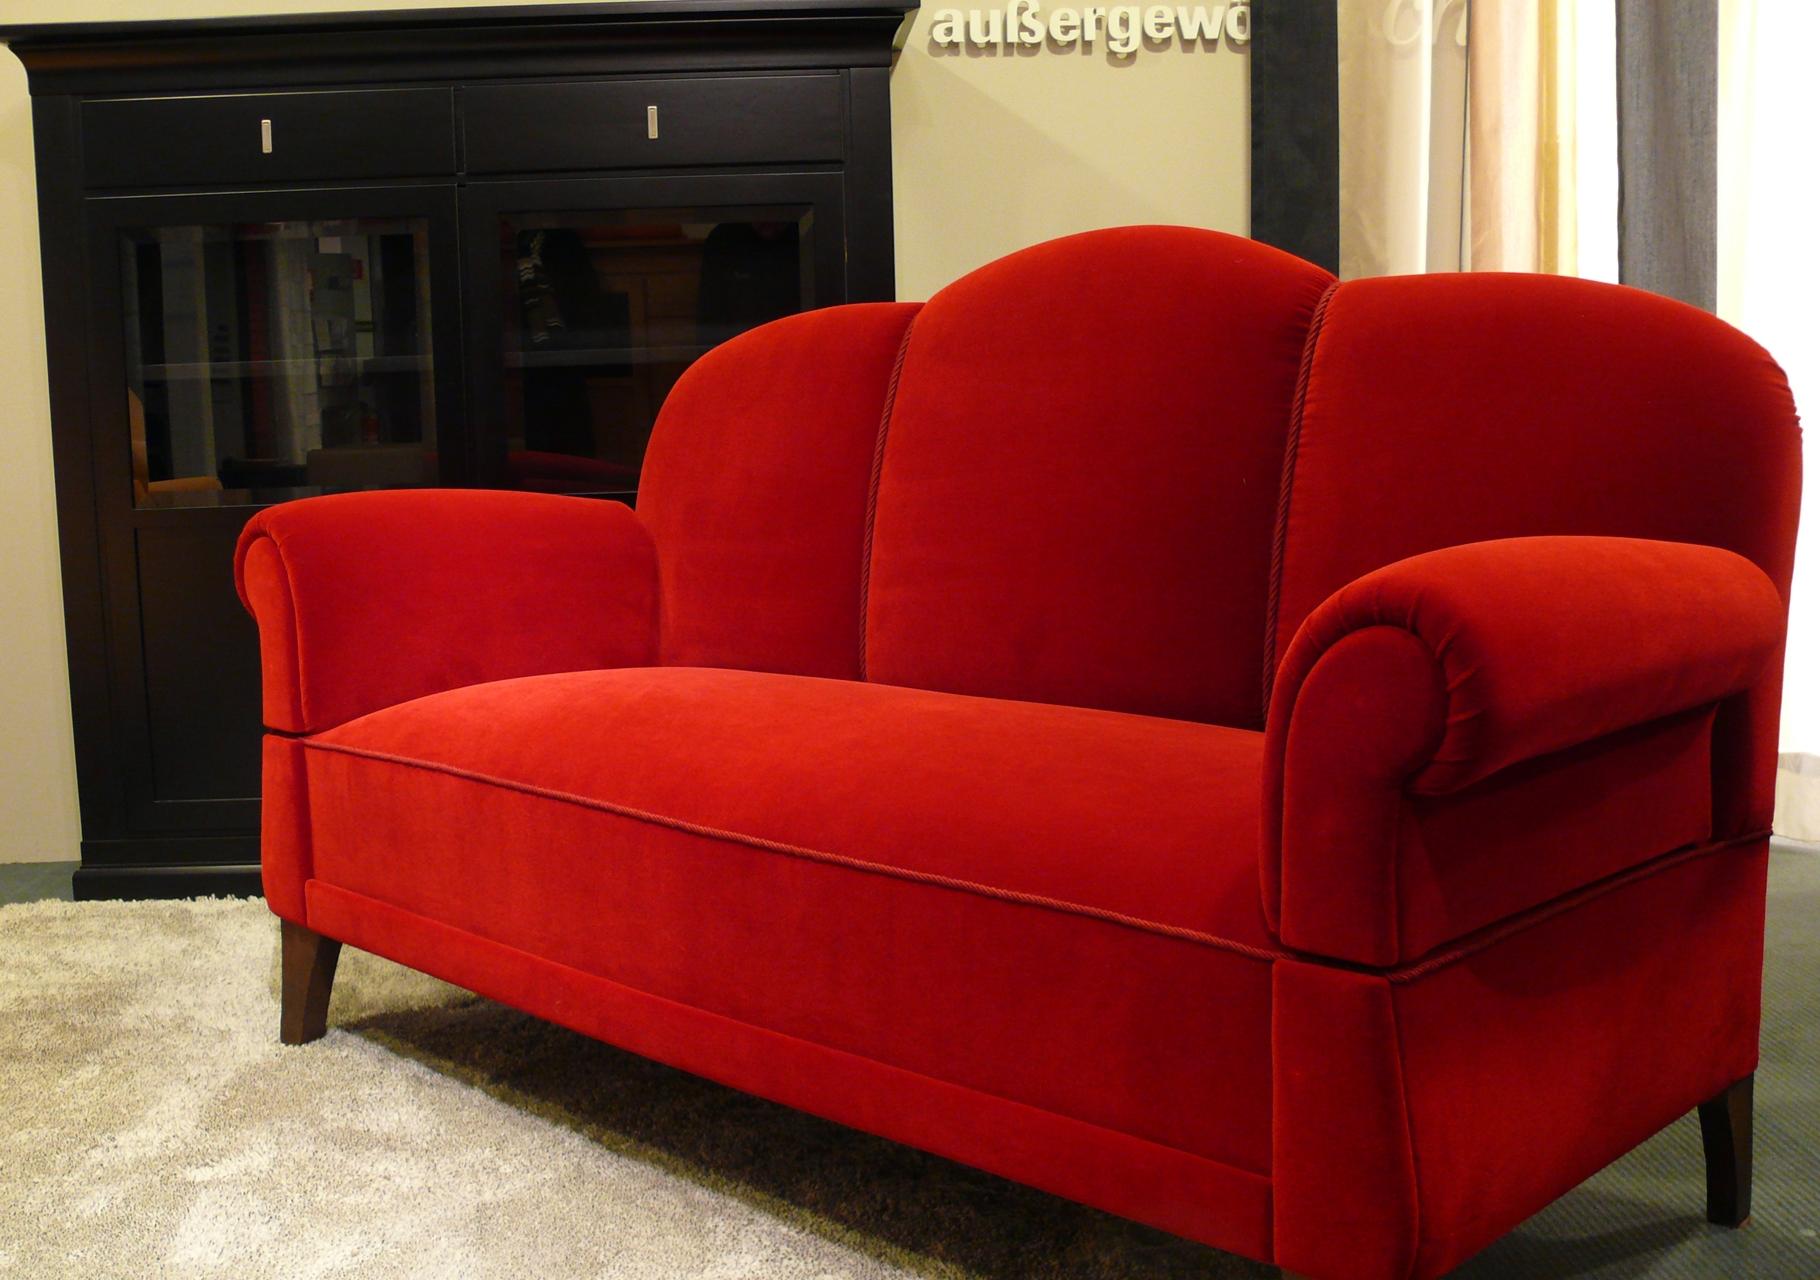 . . ein Sofa in neuem Glanz.